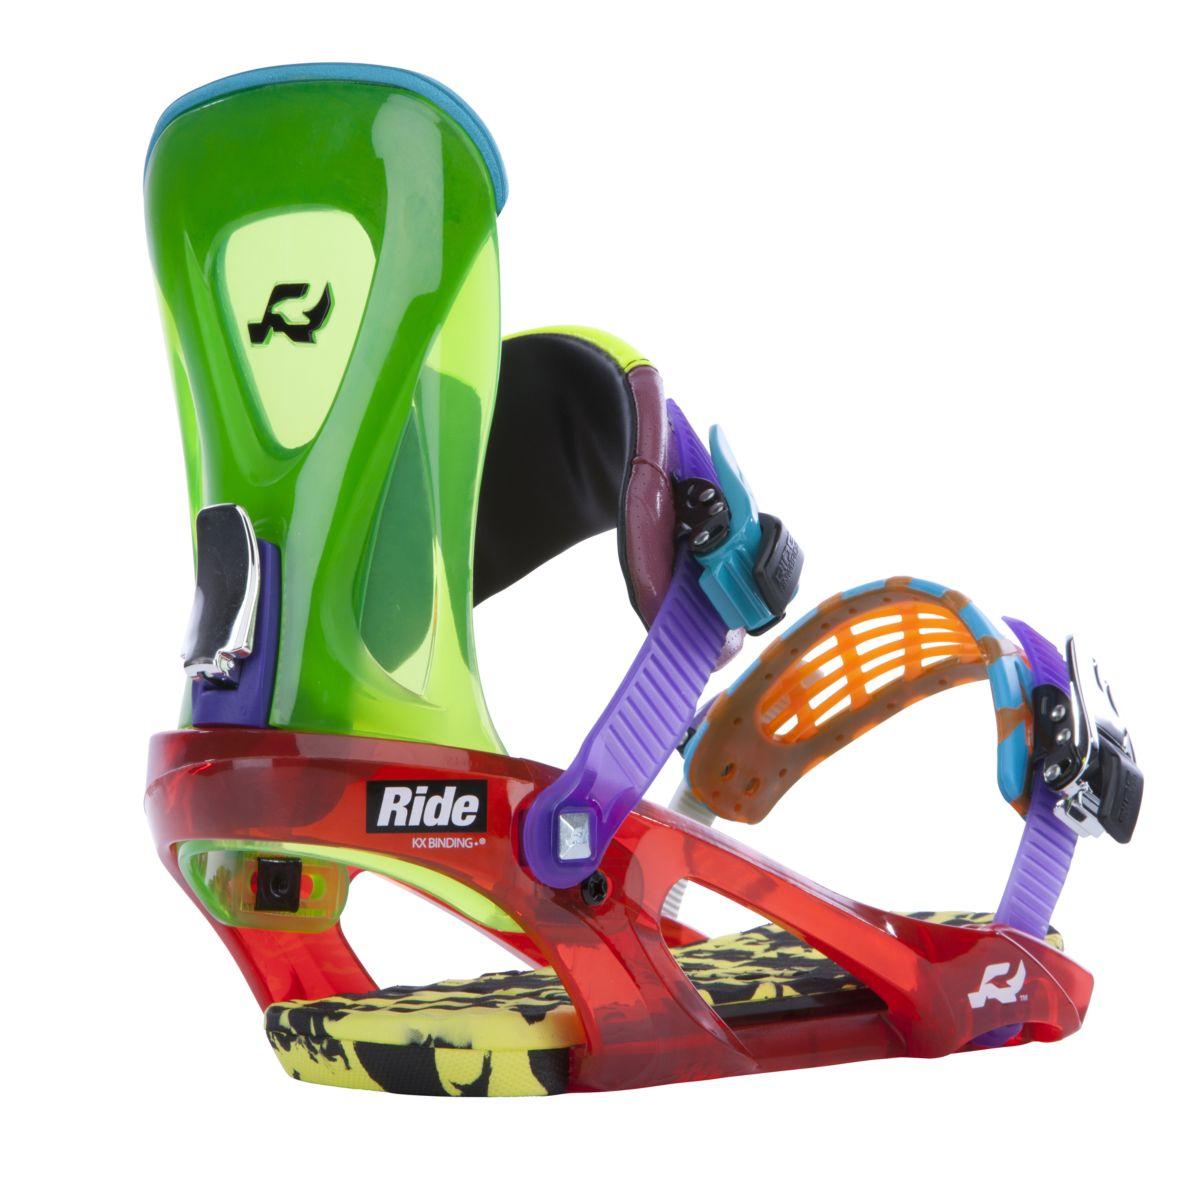 Ride M Kx